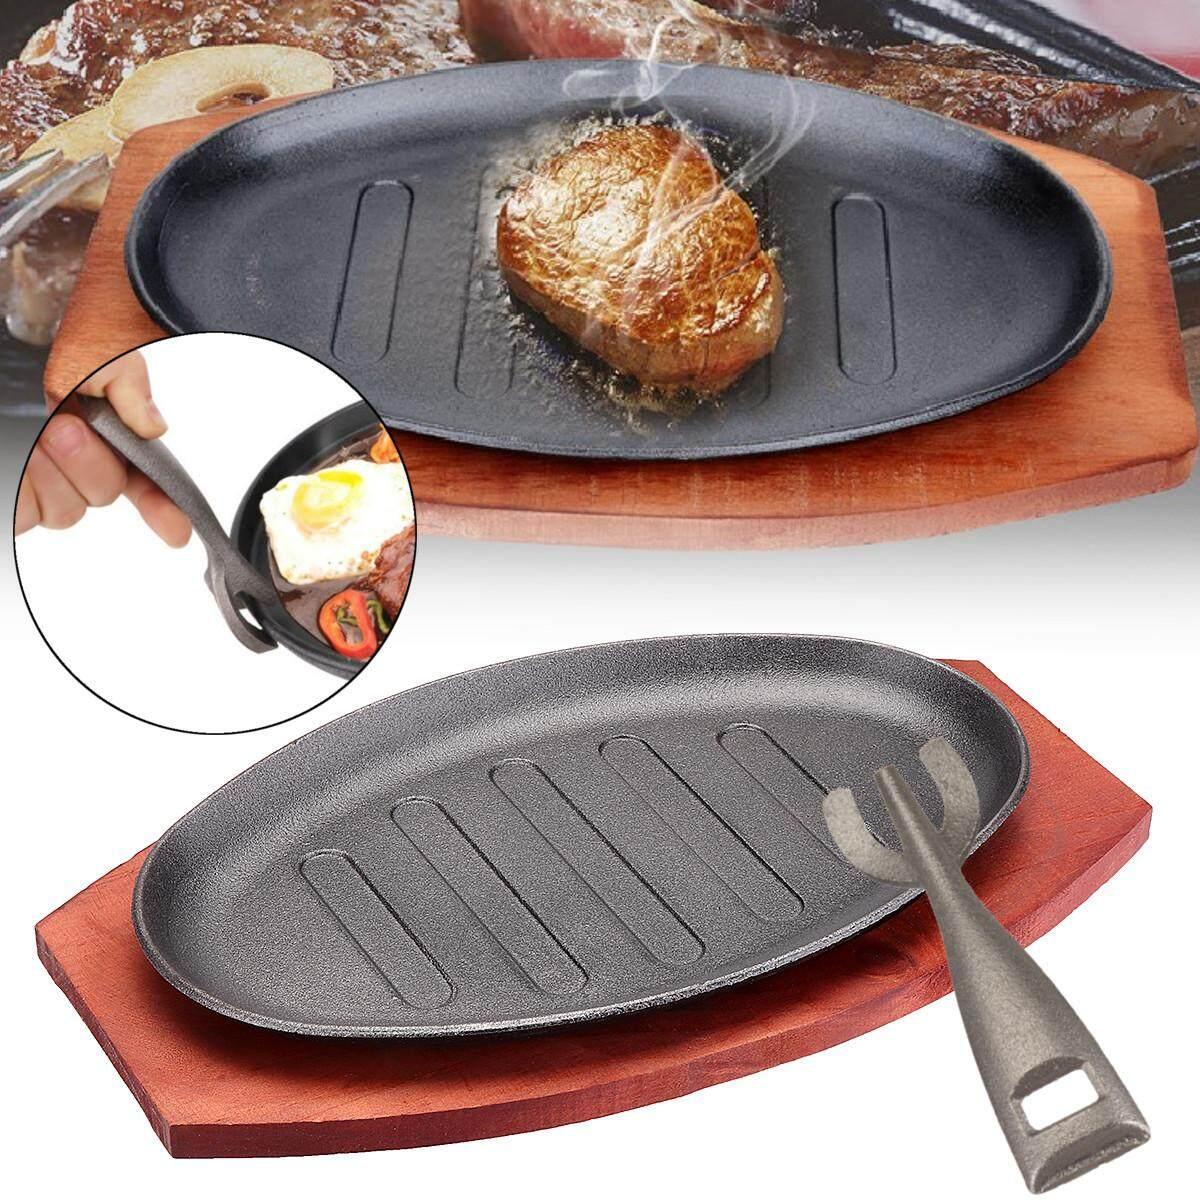 1 Pcs 8 Cast Iron Steak Fajita Sizzling Platter Plate W/ Wooden Holder By Glimmer.